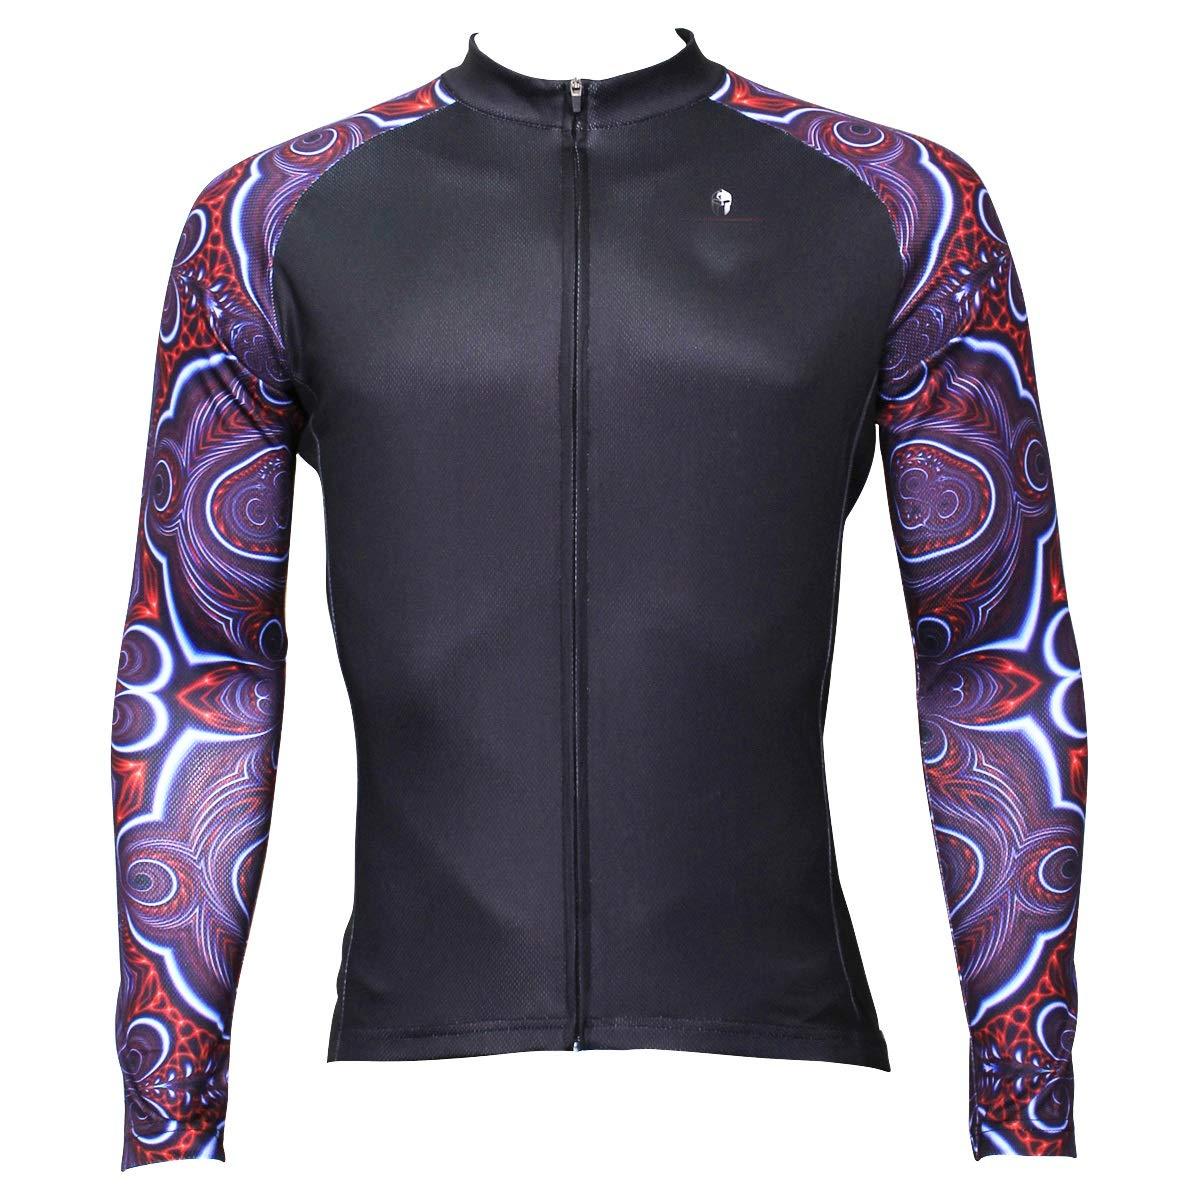 Fahrrad Reitanzug Radfahren Herrenhemden Schnell trocknend Outdoor Sports Reitausrüstung Jumping Bike Jersey Fahrradtrikot LPLHJD